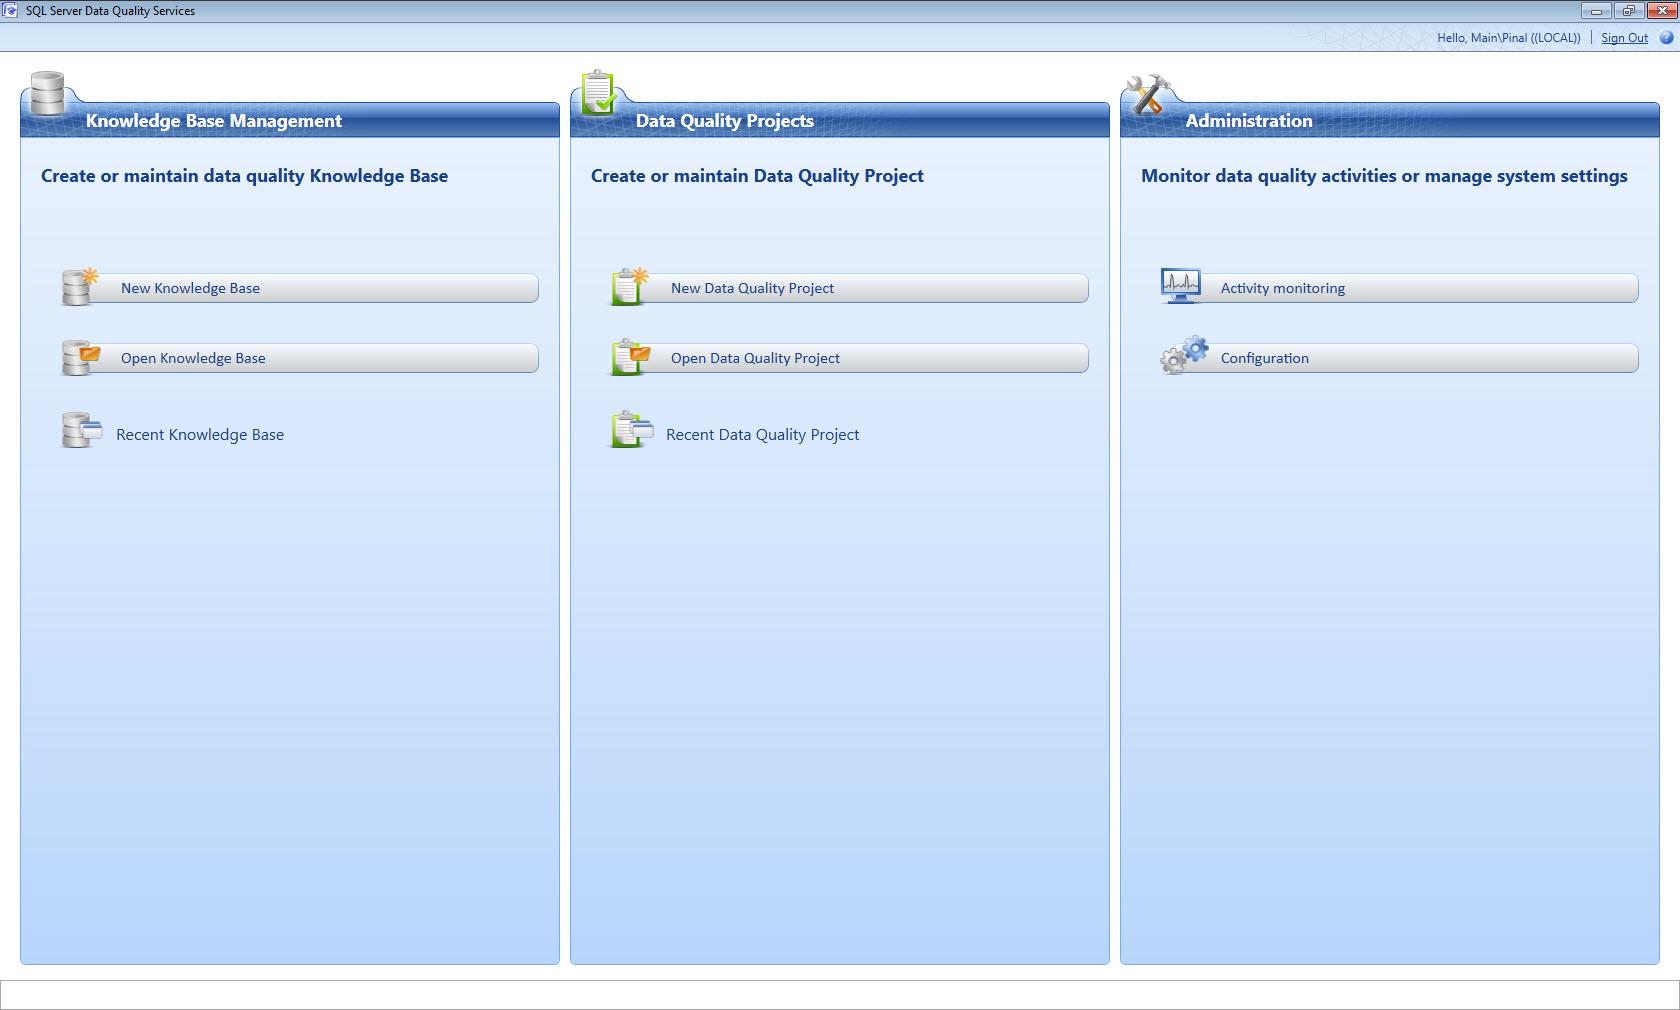 SQL SERVER - Installing Data Quality Services (DQS) on SQL Server 2012 dqs8